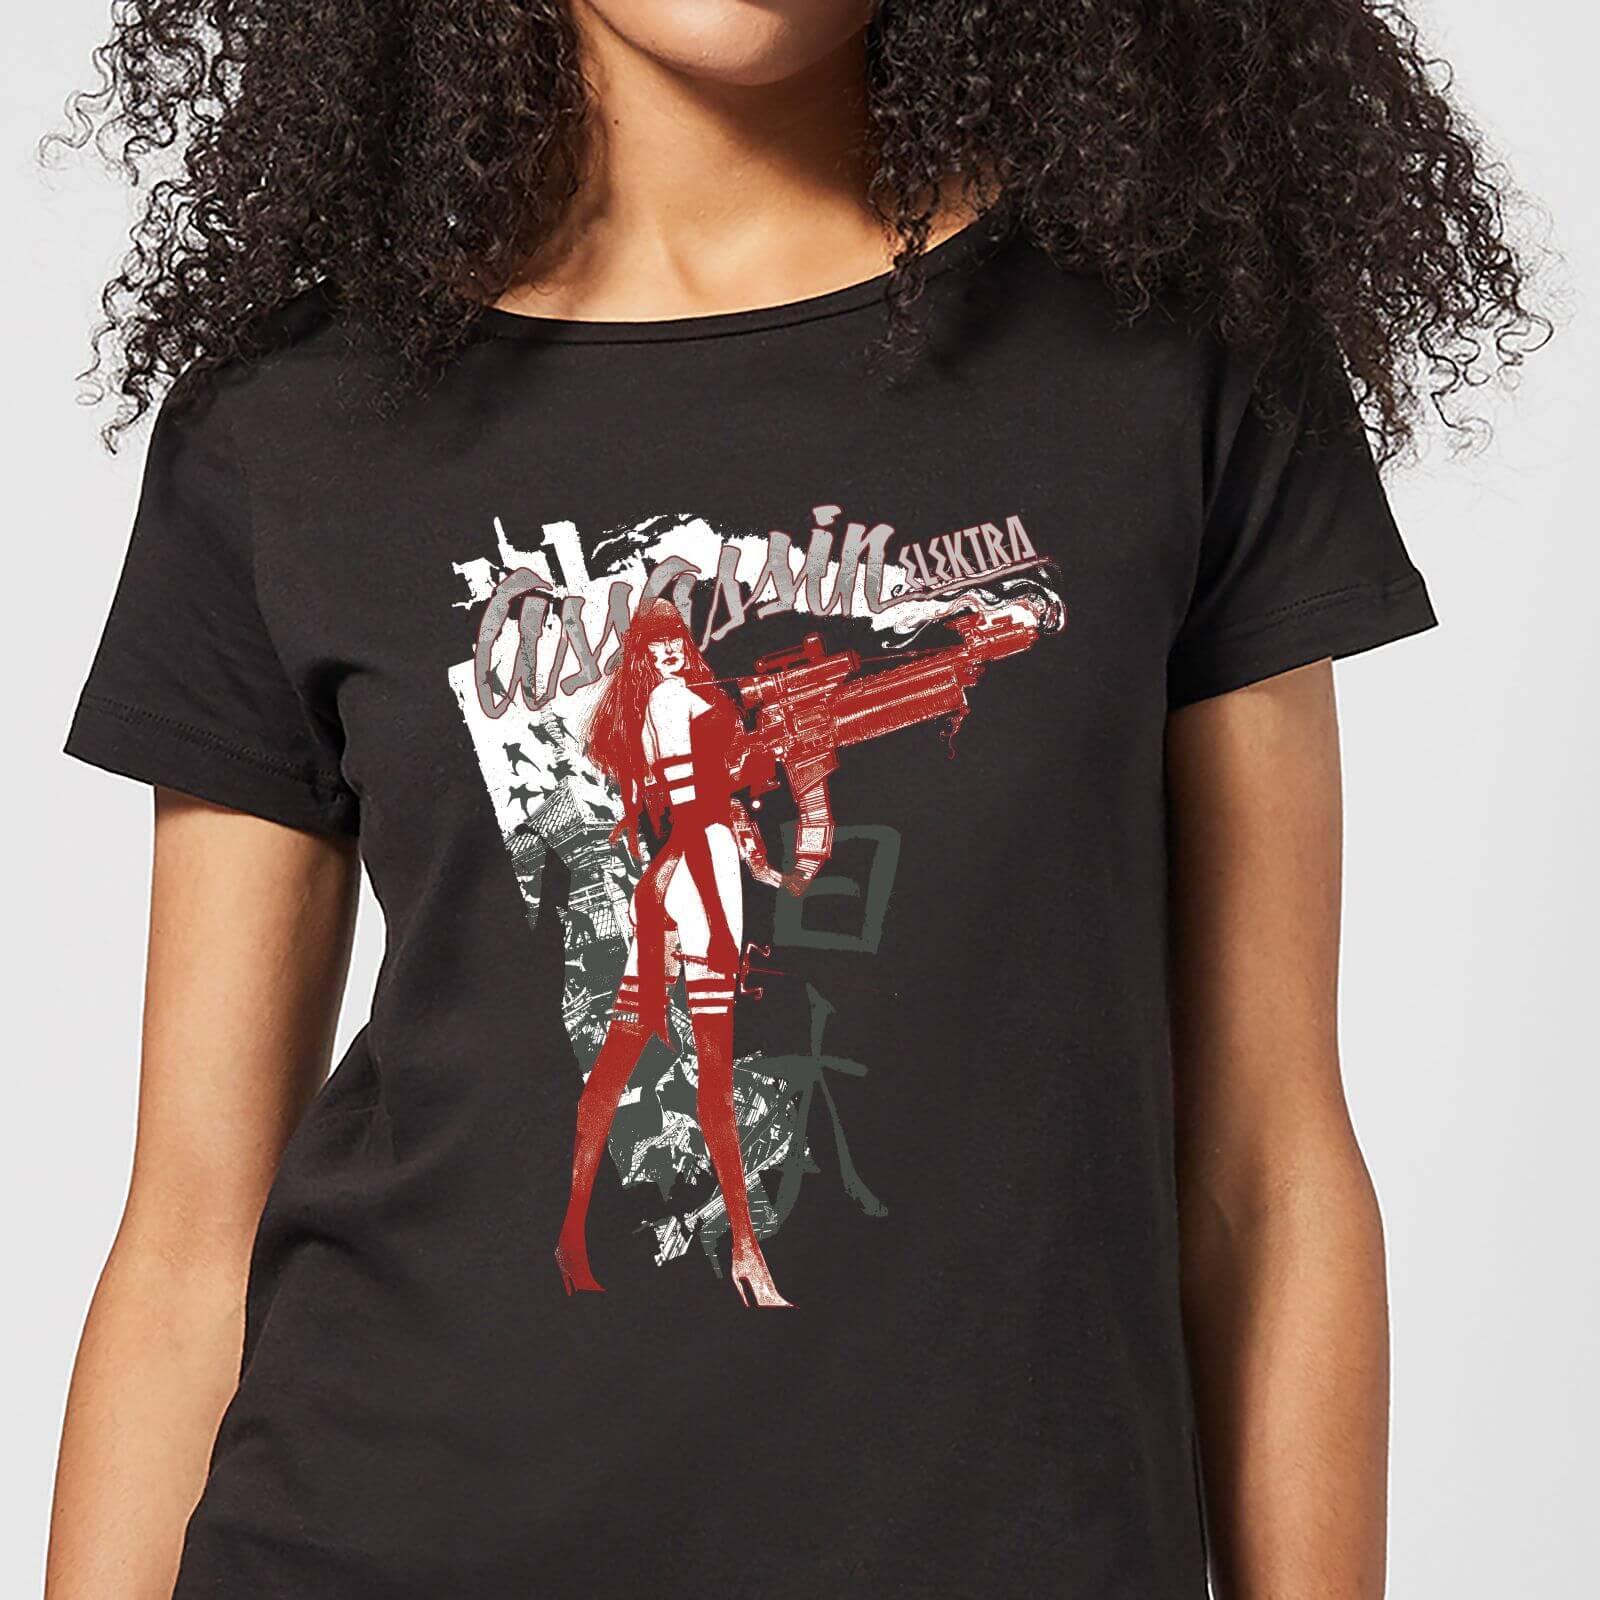 OfferteWeb.click 63-t-shirt-marvel-knights-elektra-assassin-nero-donna-s